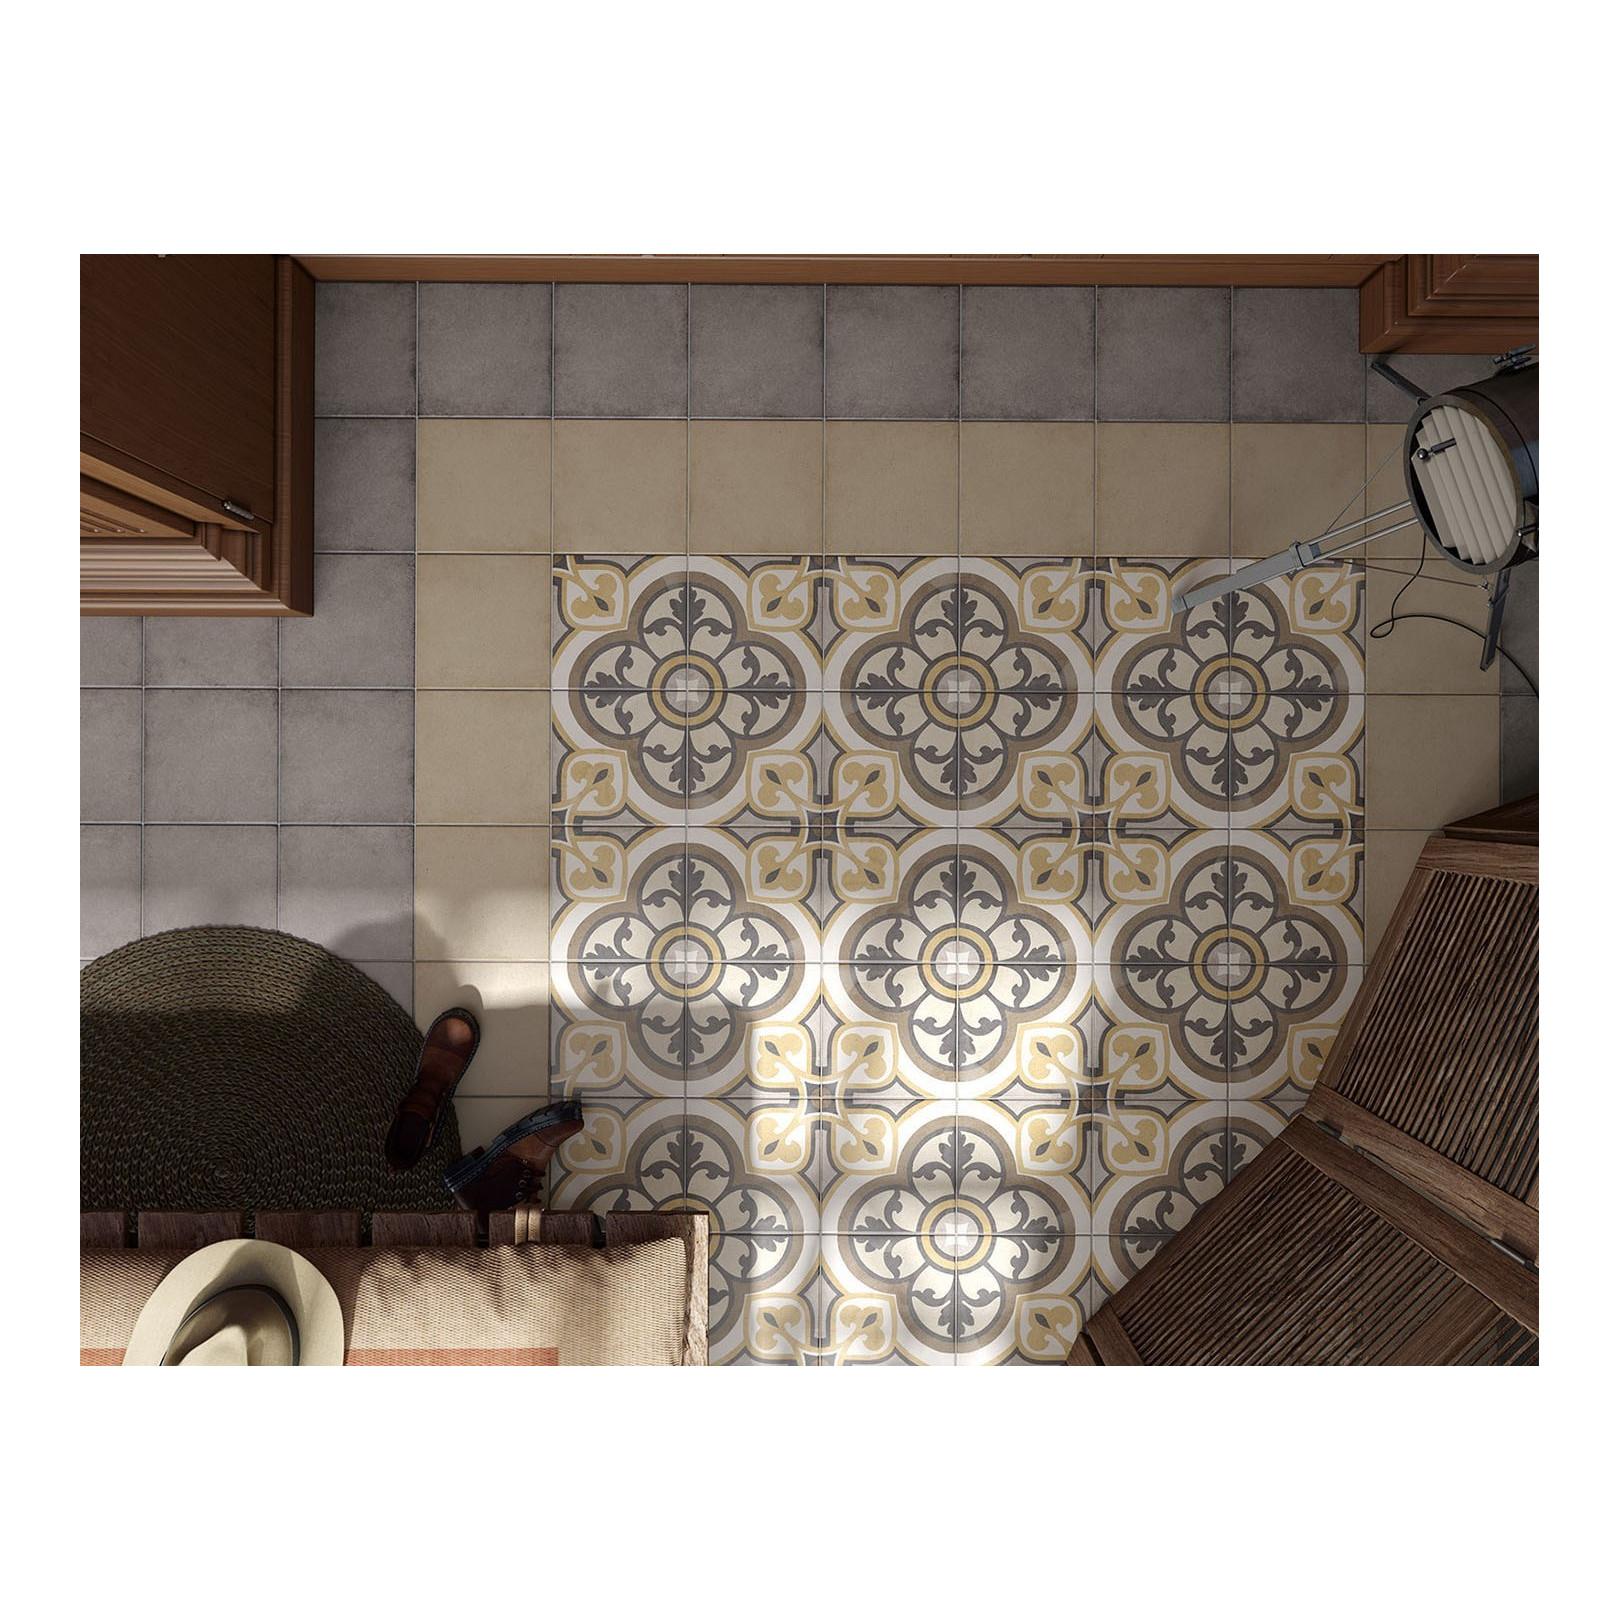 Carrelage grès cérame effet carreau ciment Art Nouveau Colour Majestic 20x20cm